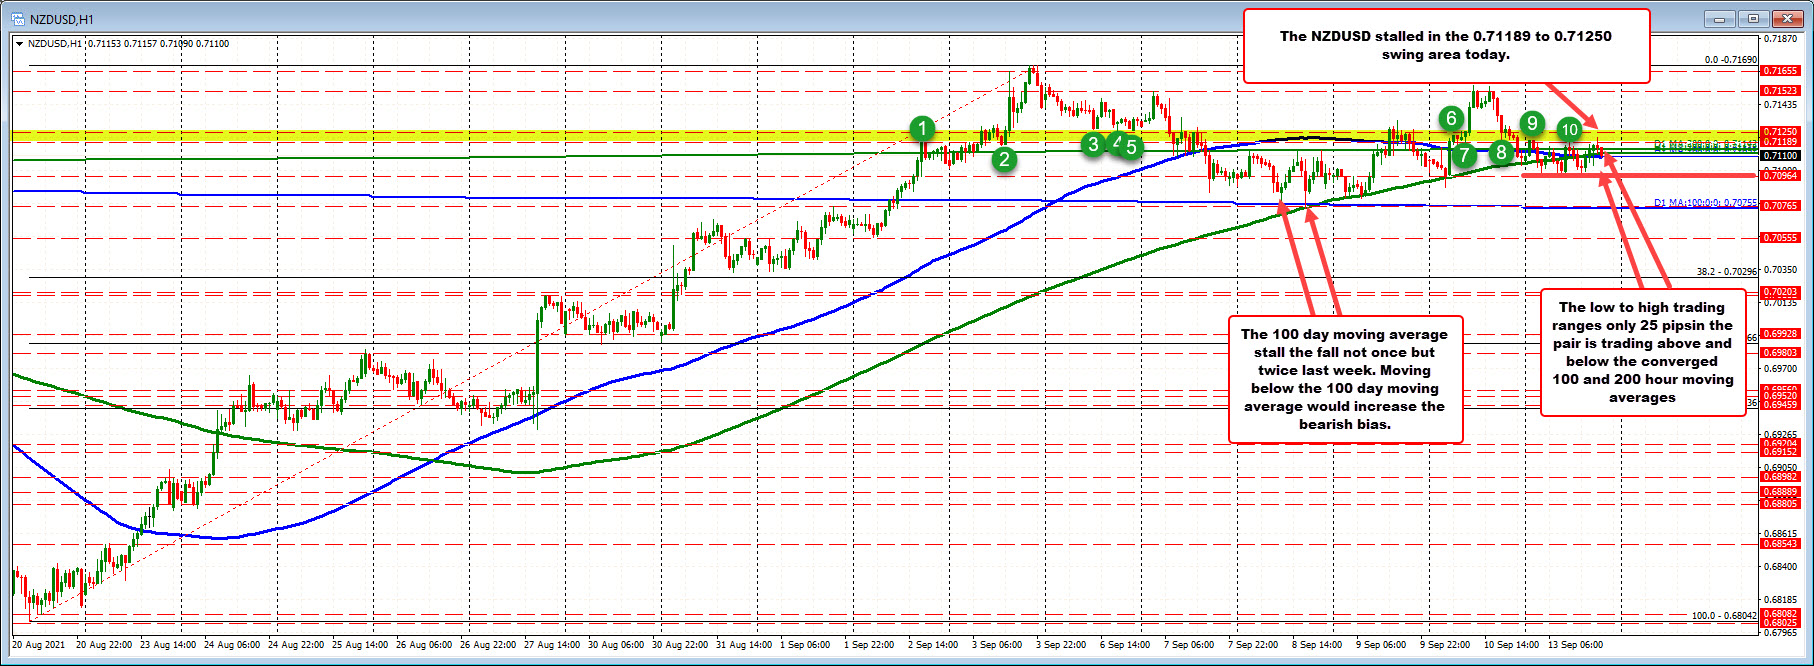 25 pip trading range for bthe NZDUSD